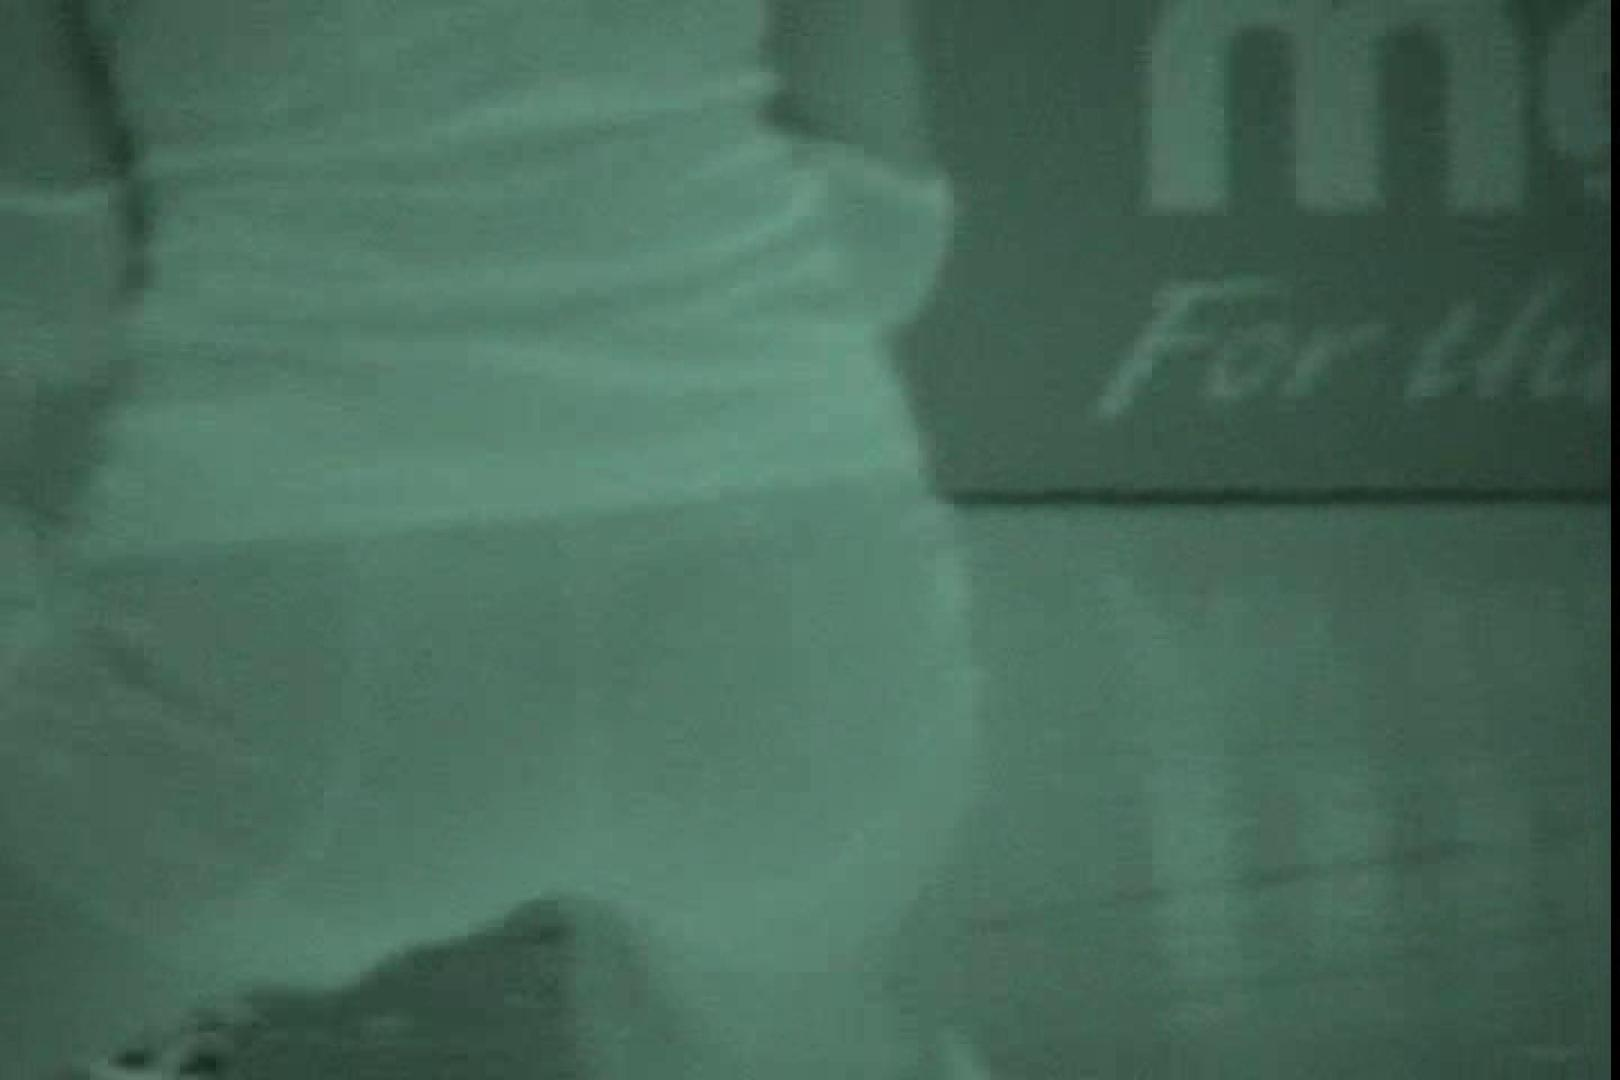 赤外線ムレスケバレー(汗) vol.09 赤外線 すけべAV動画紹介 86連発 11